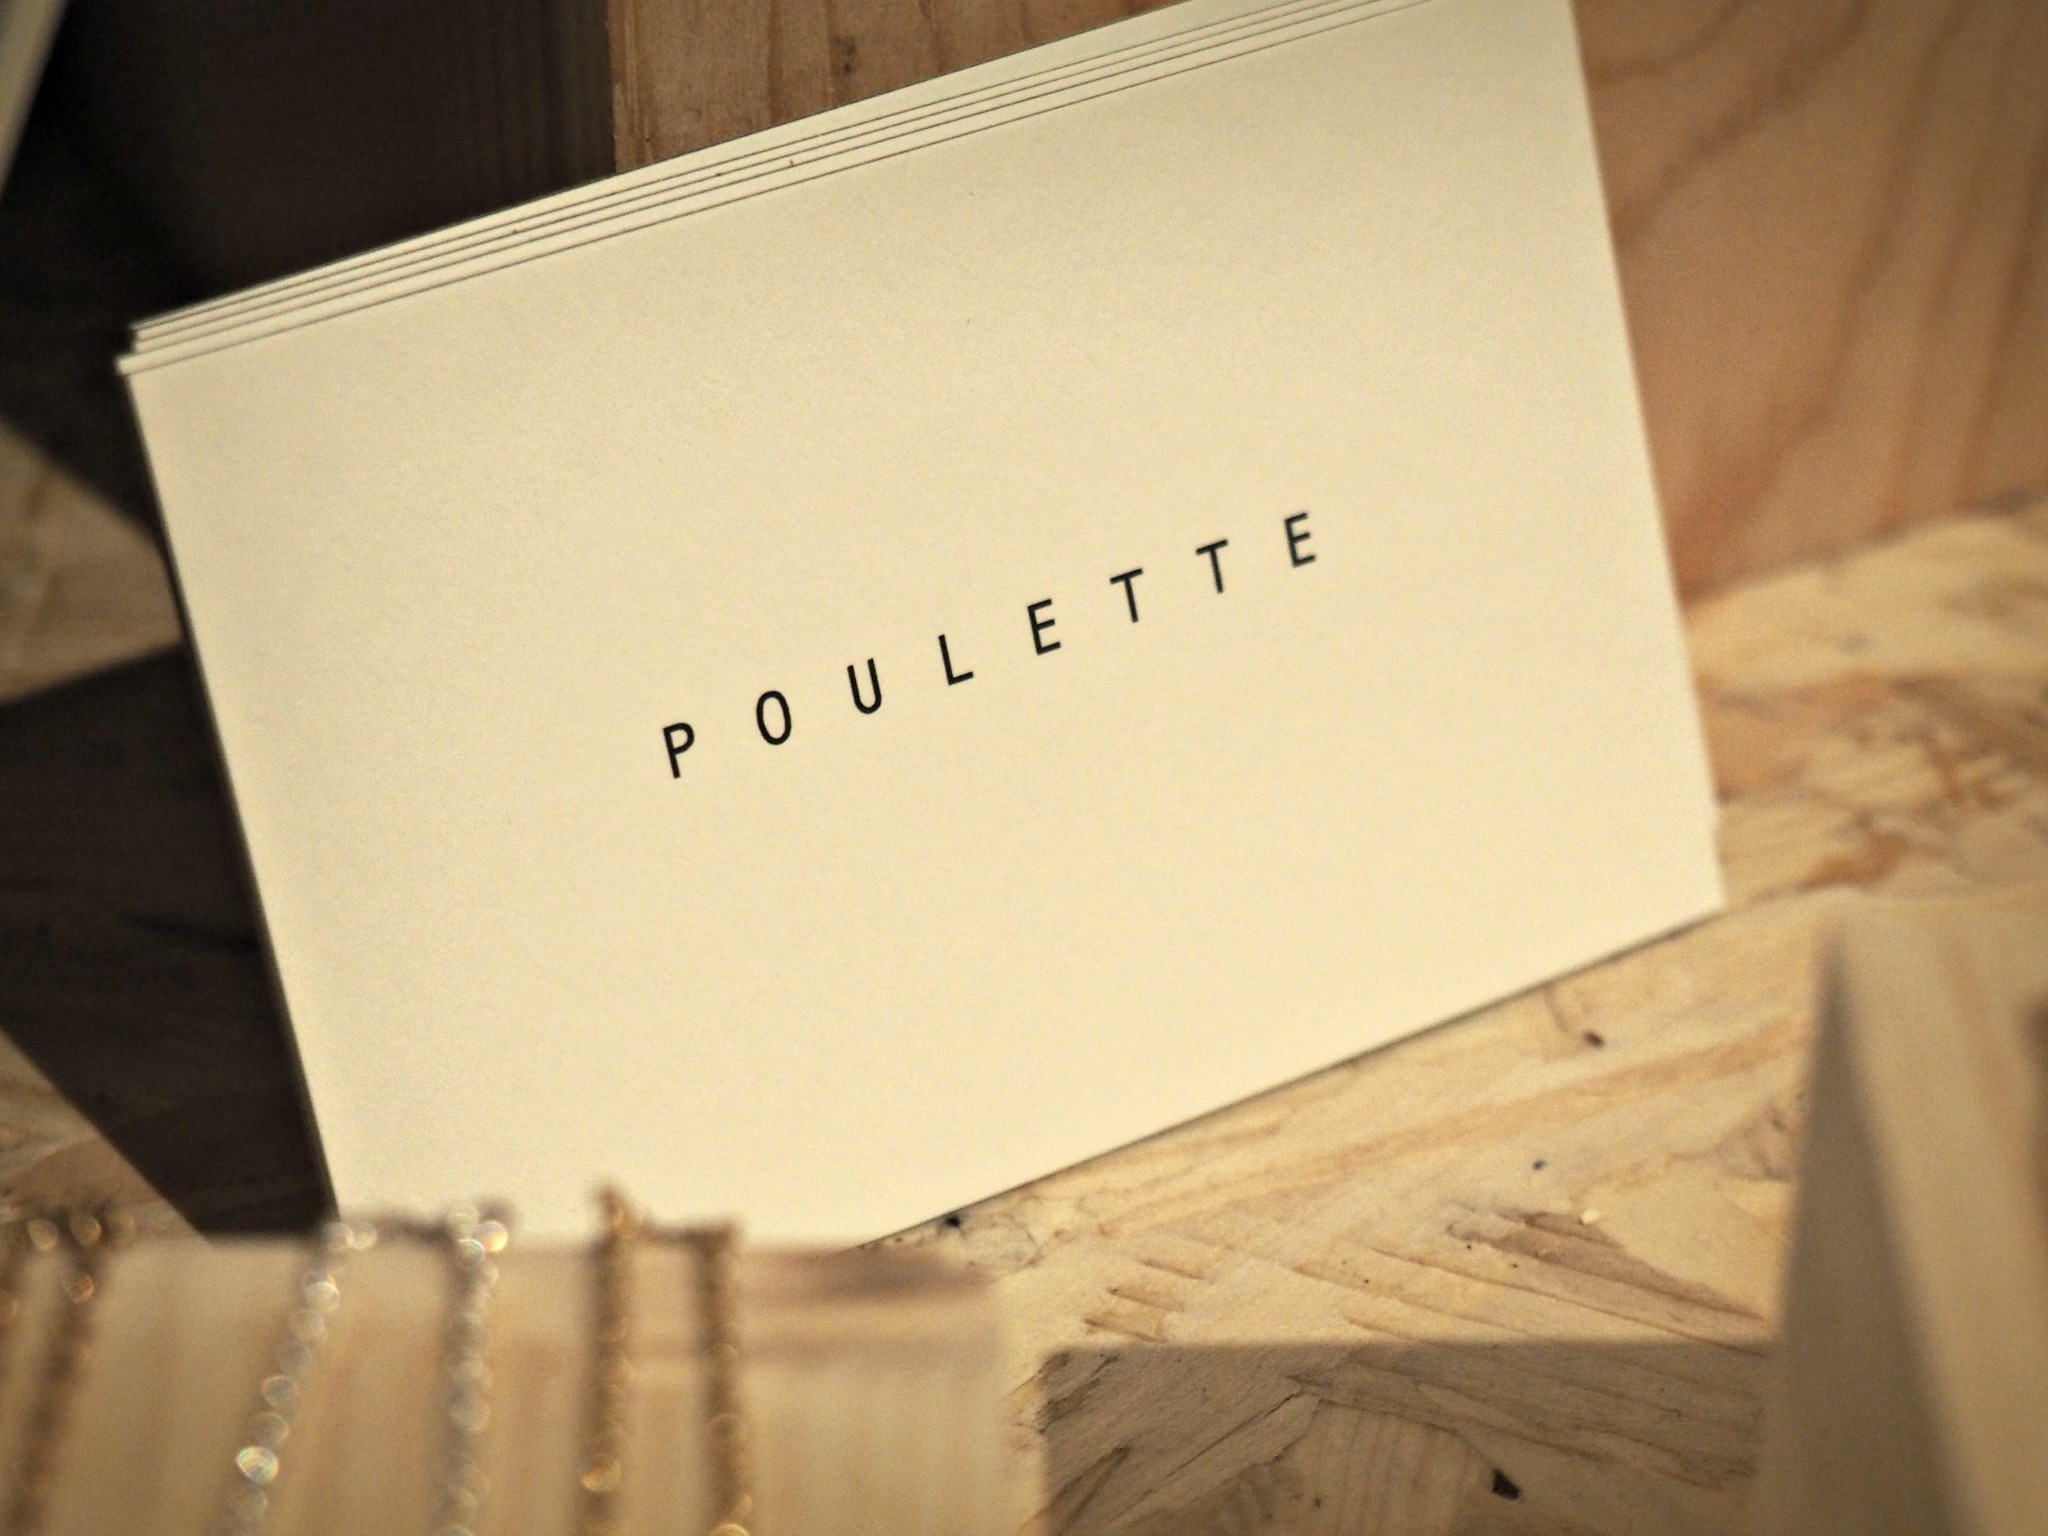 Poulette bijoux blog lifestyle marseille